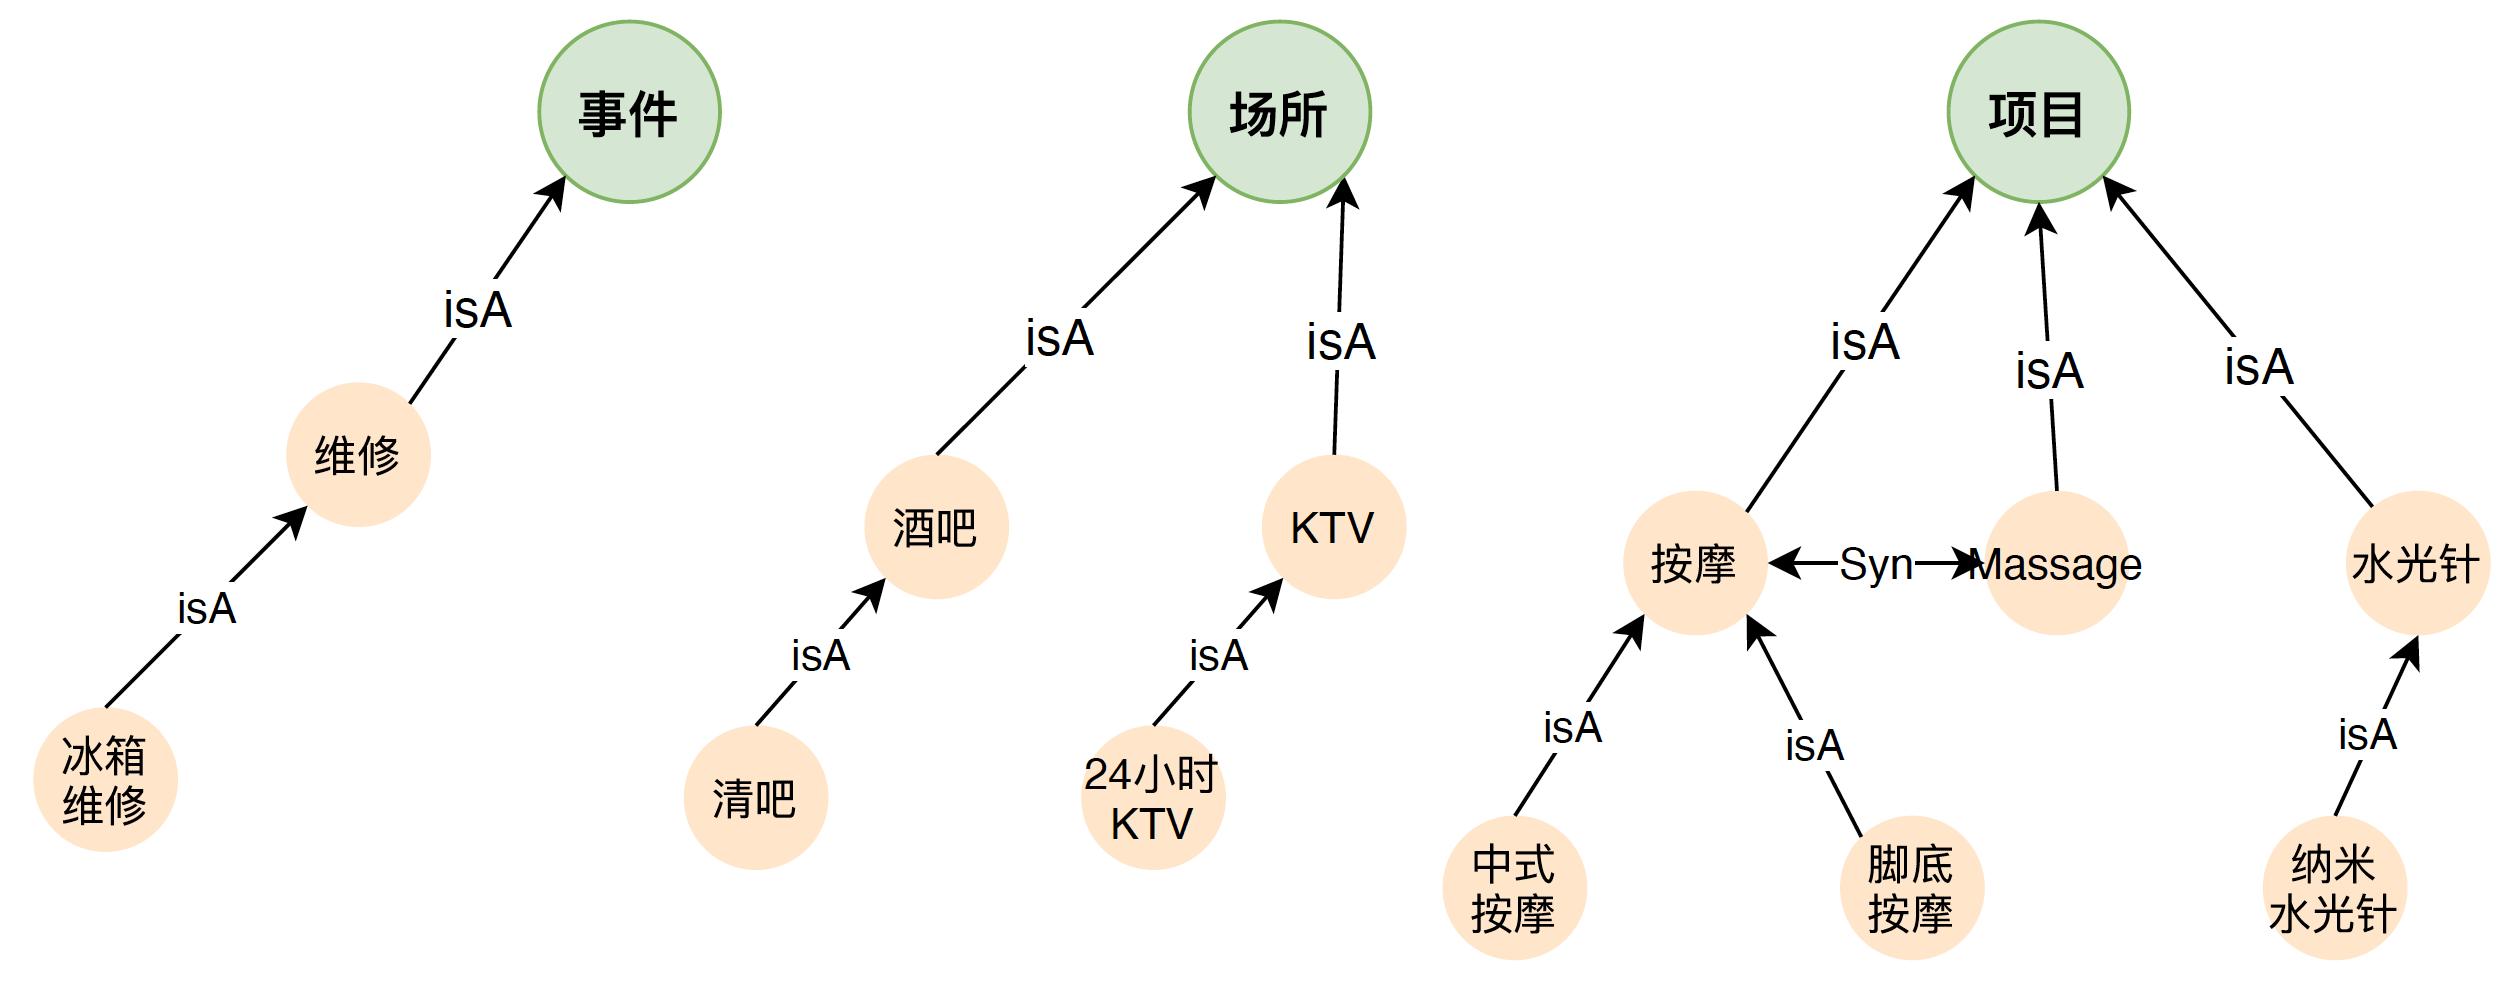 图4 上下位、同义关系示例